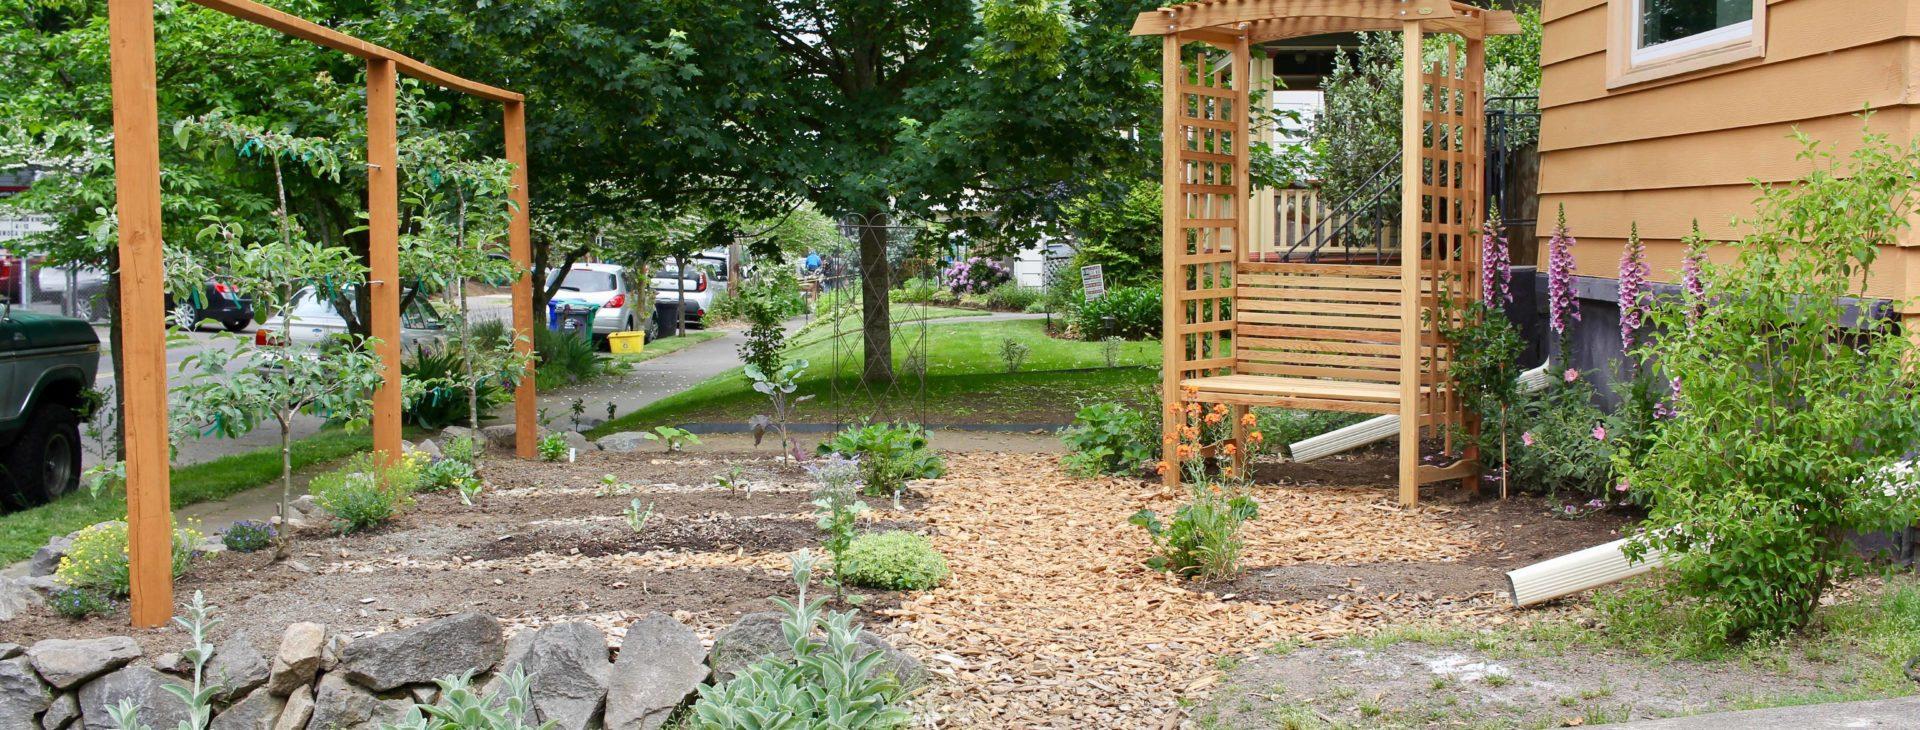 image: landscape design Portland